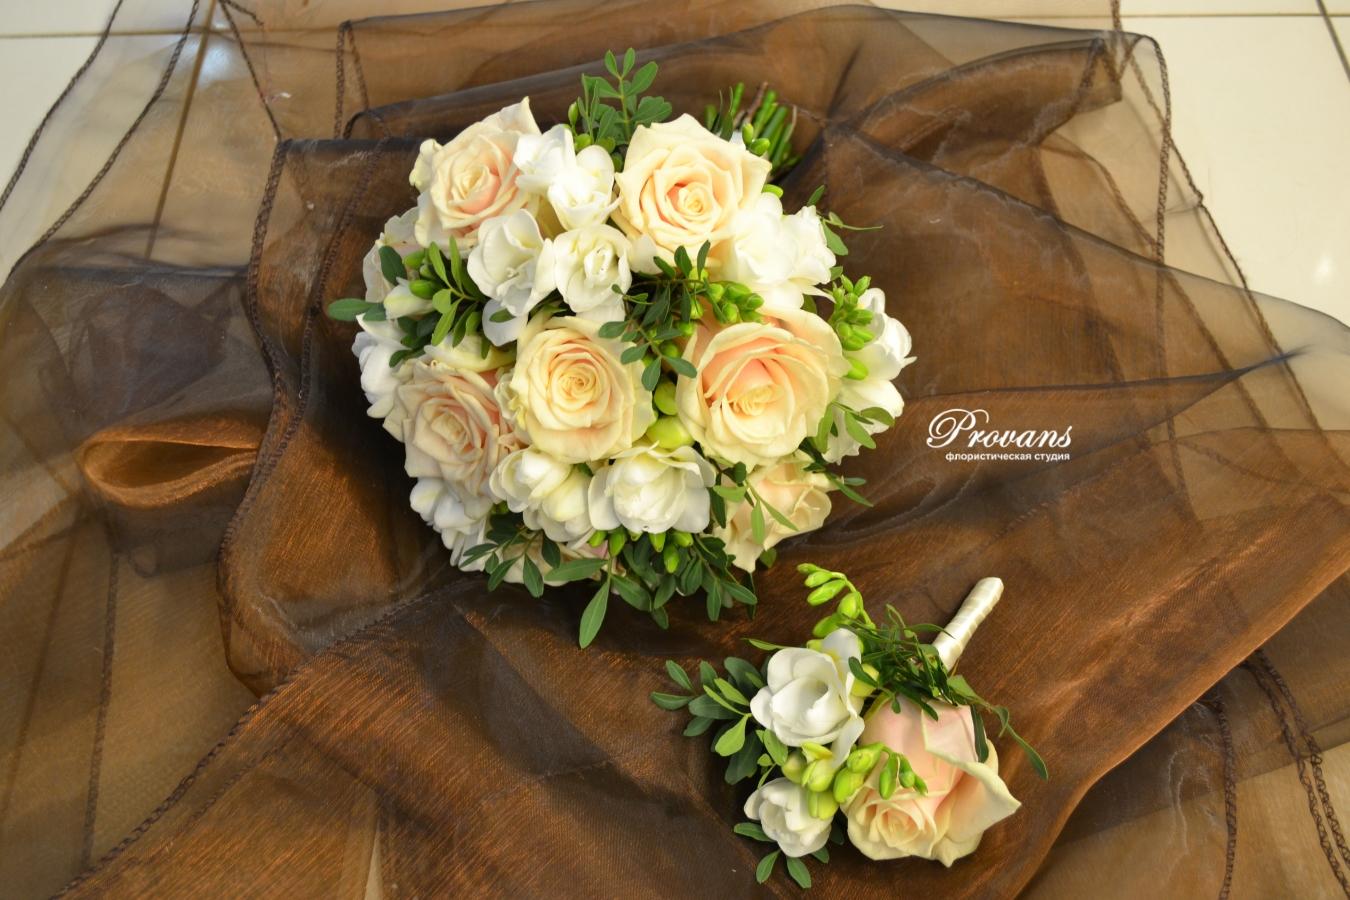 Свадебный букет. Роза Талея, фрезия